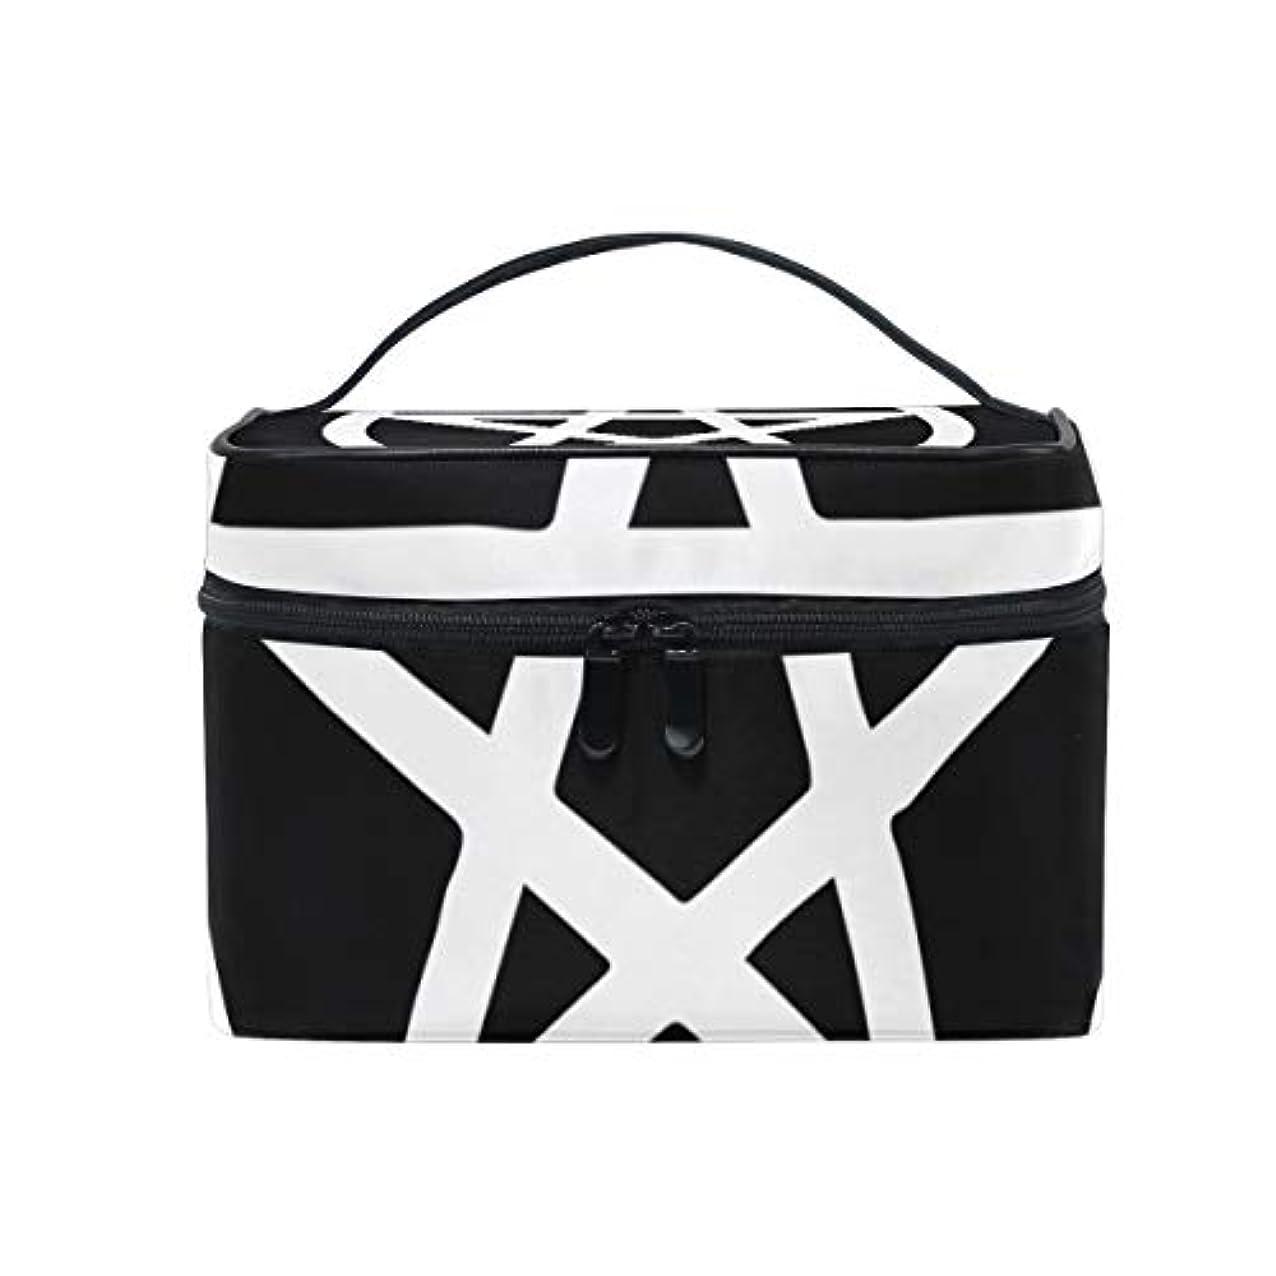 百酸素番目メイクボックス ウィザード、五芒星柄 化粧ポーチ 化粧品 化粧道具 小物入れ メイクブラシバッグ 大容量 旅行用 収納ケース